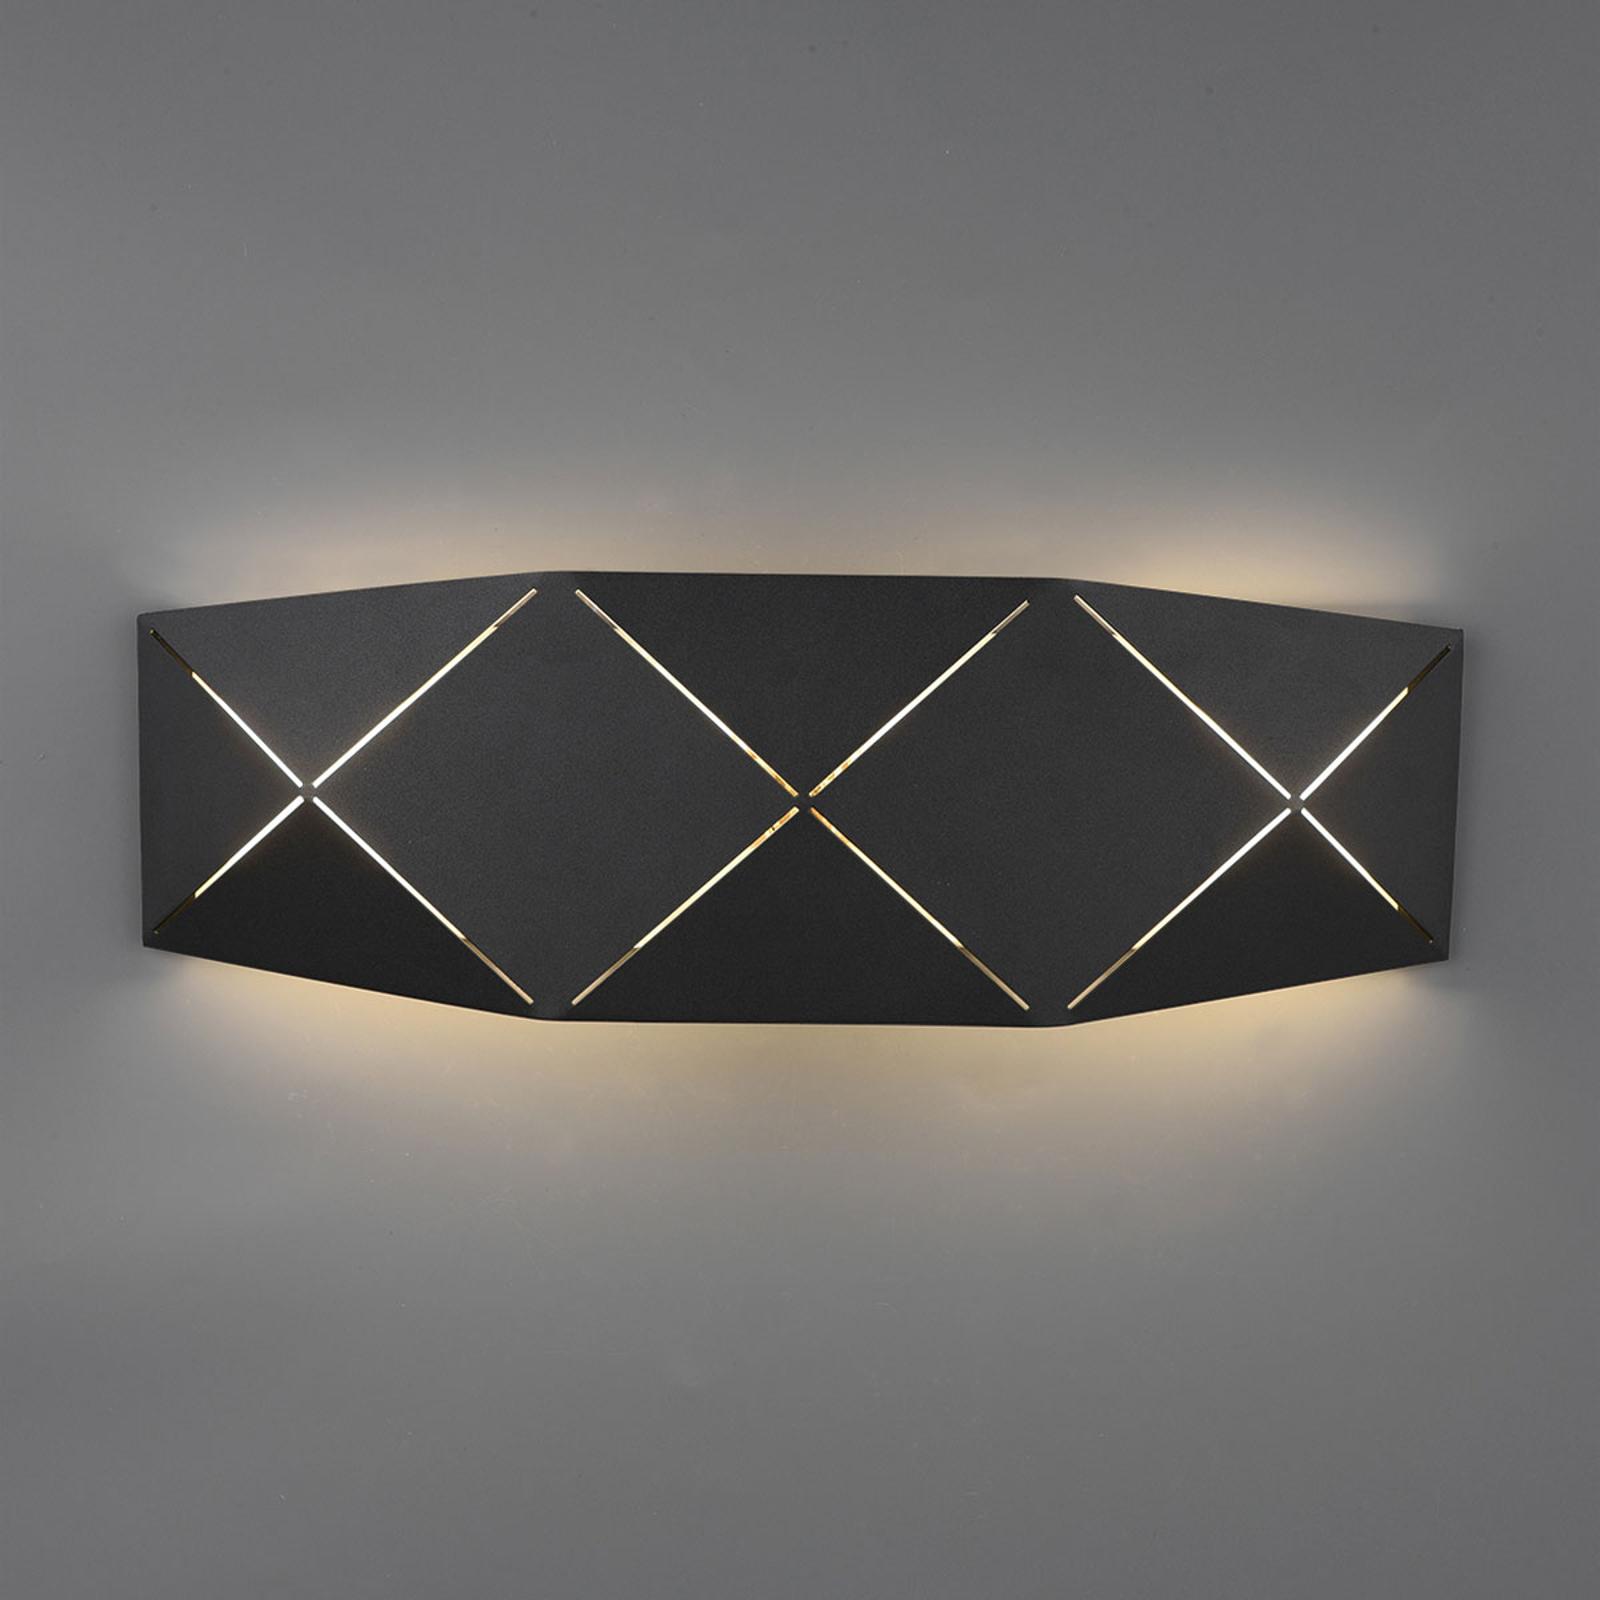 LED-Wandlampe Zandor in Schwarz, Breite 40 cm